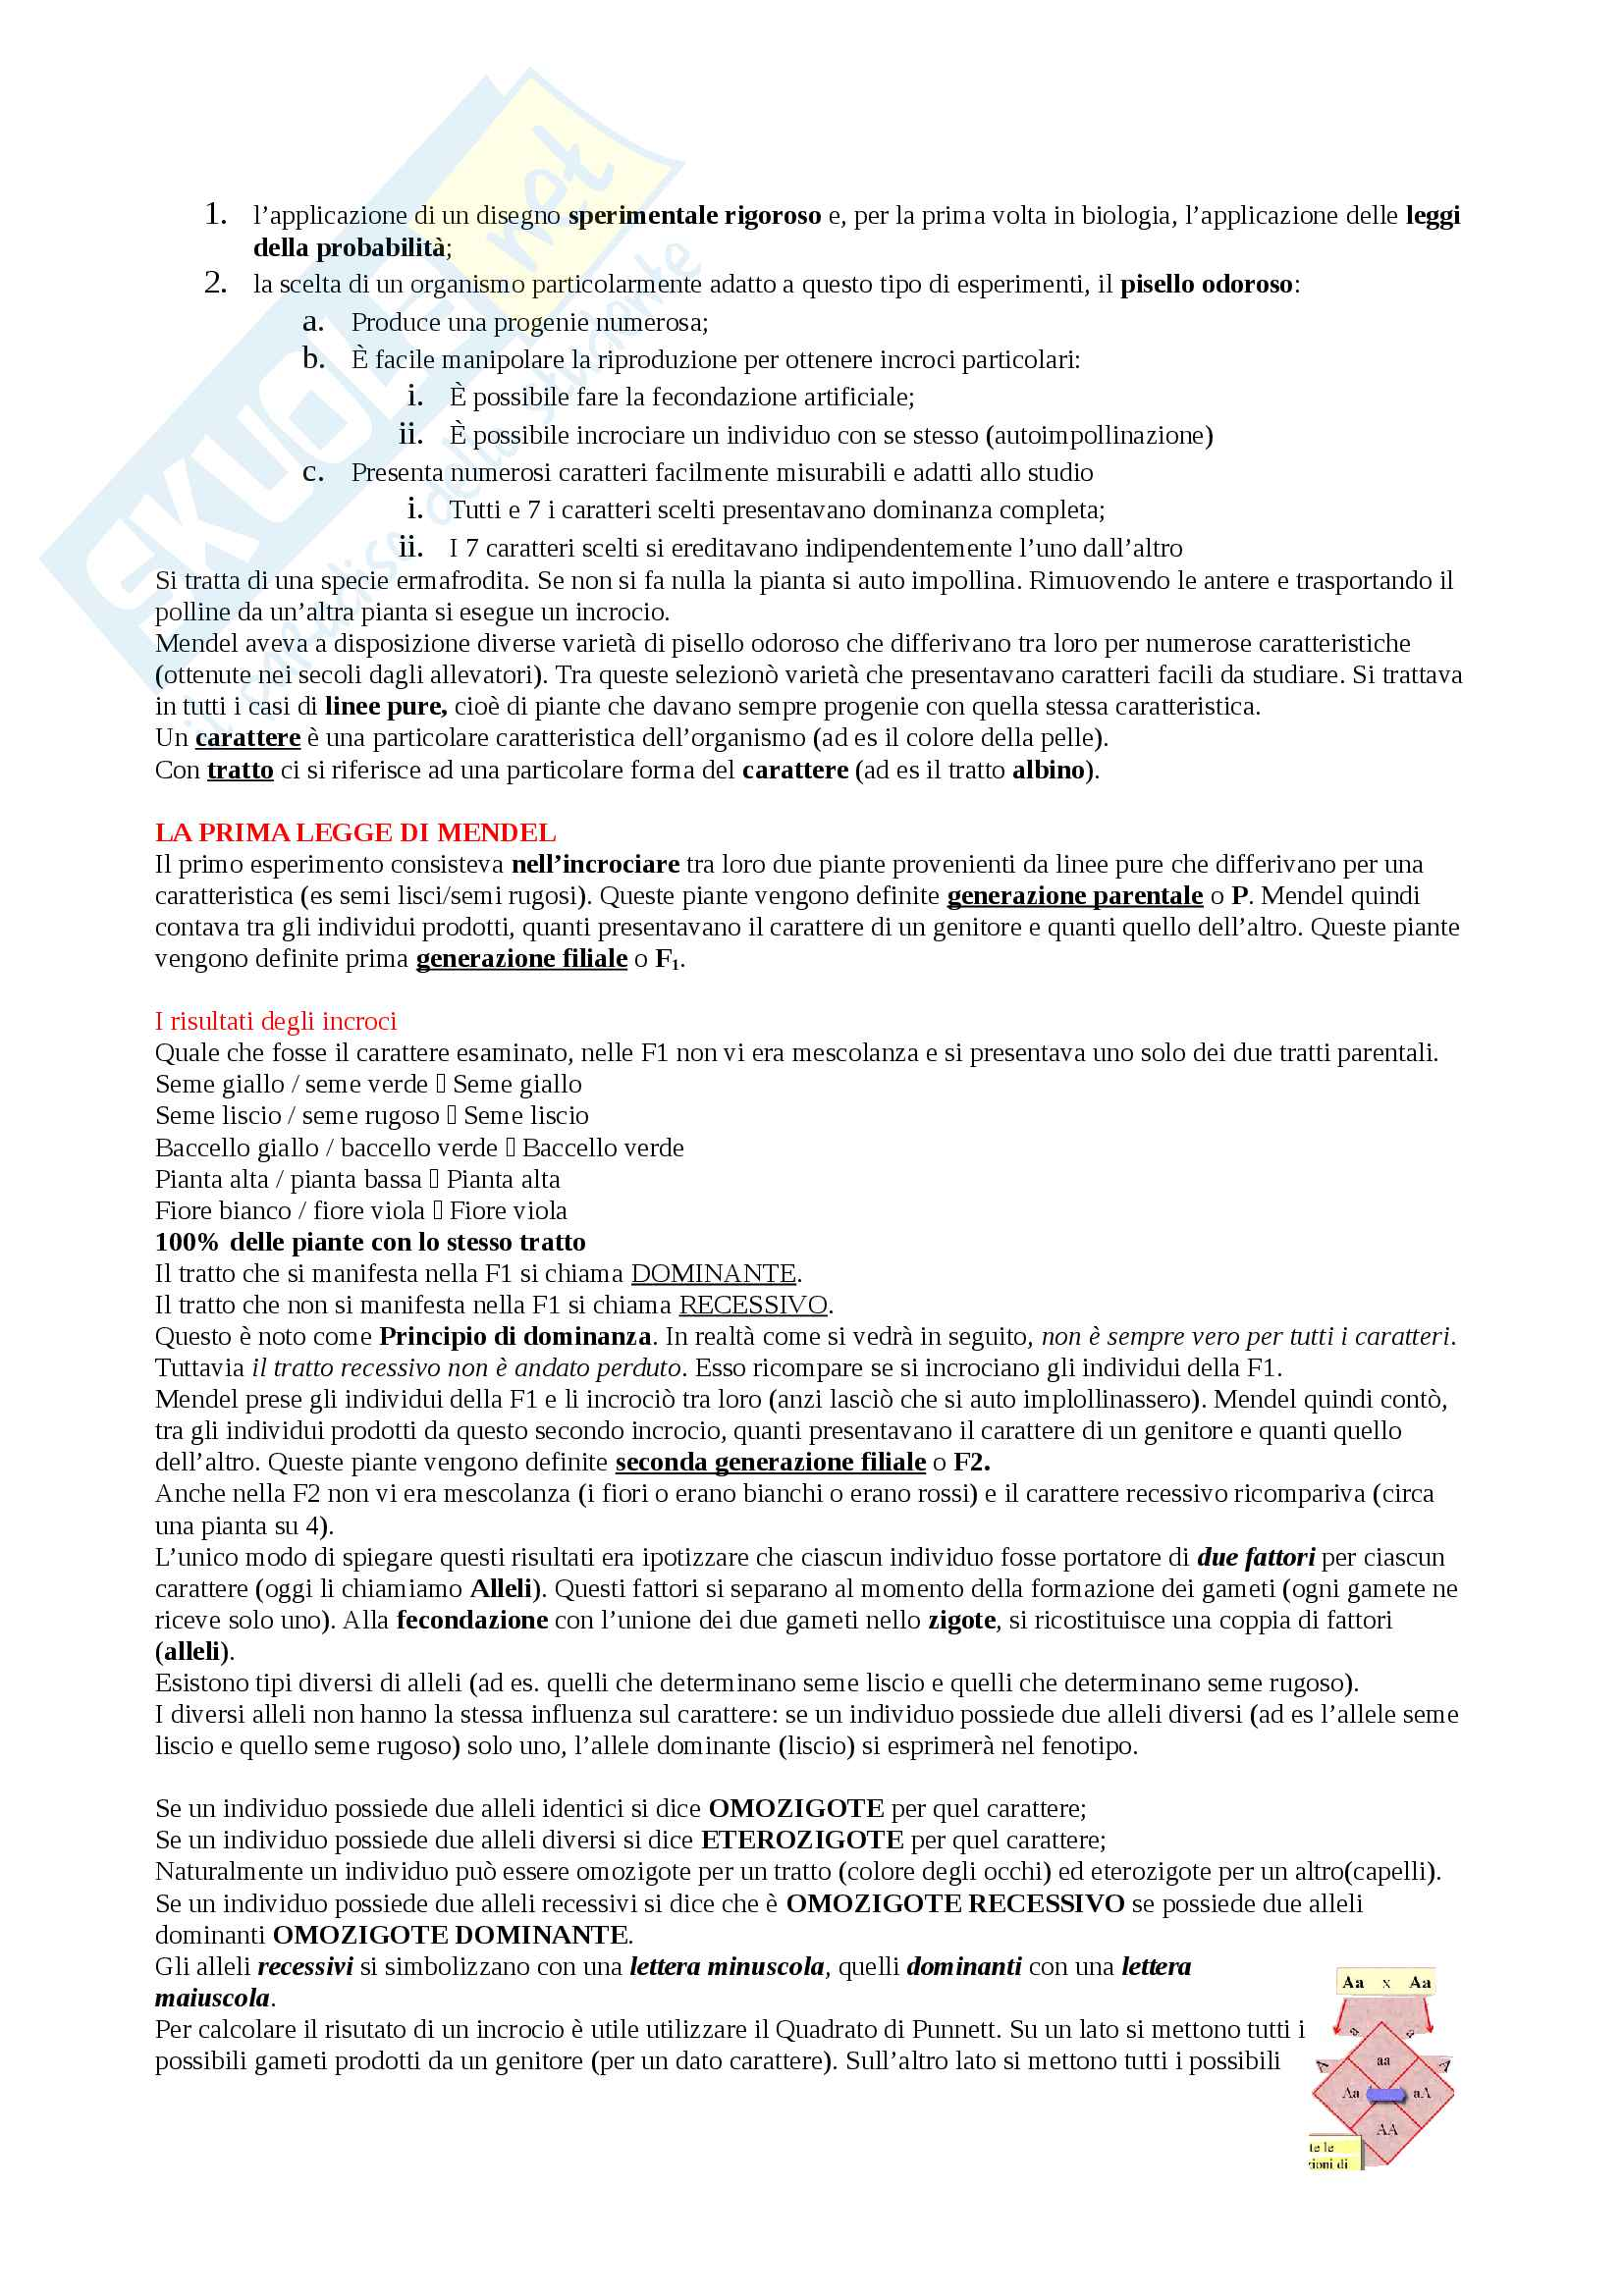 Appunti Biologia-Chimica per superare OFA!! Utile anche per superare il Test d'ingresso Pag. 31